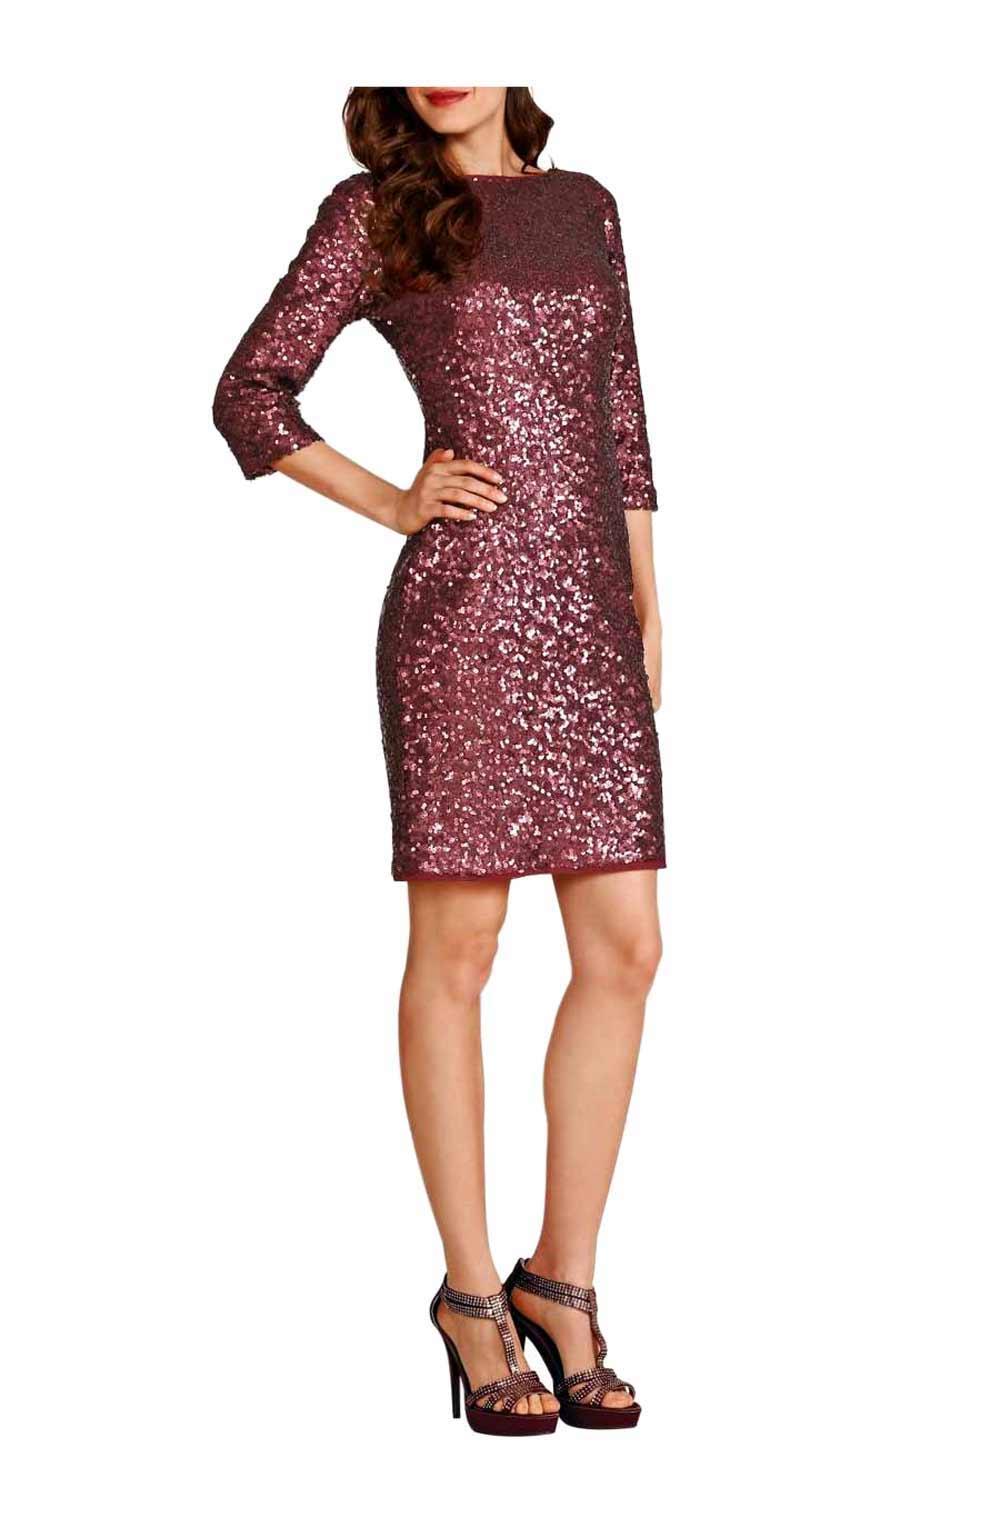 kurzes kleid für besondere anlässe APART Damen Designer-Paillettenkleid Bordeaux 036.737 Missforty